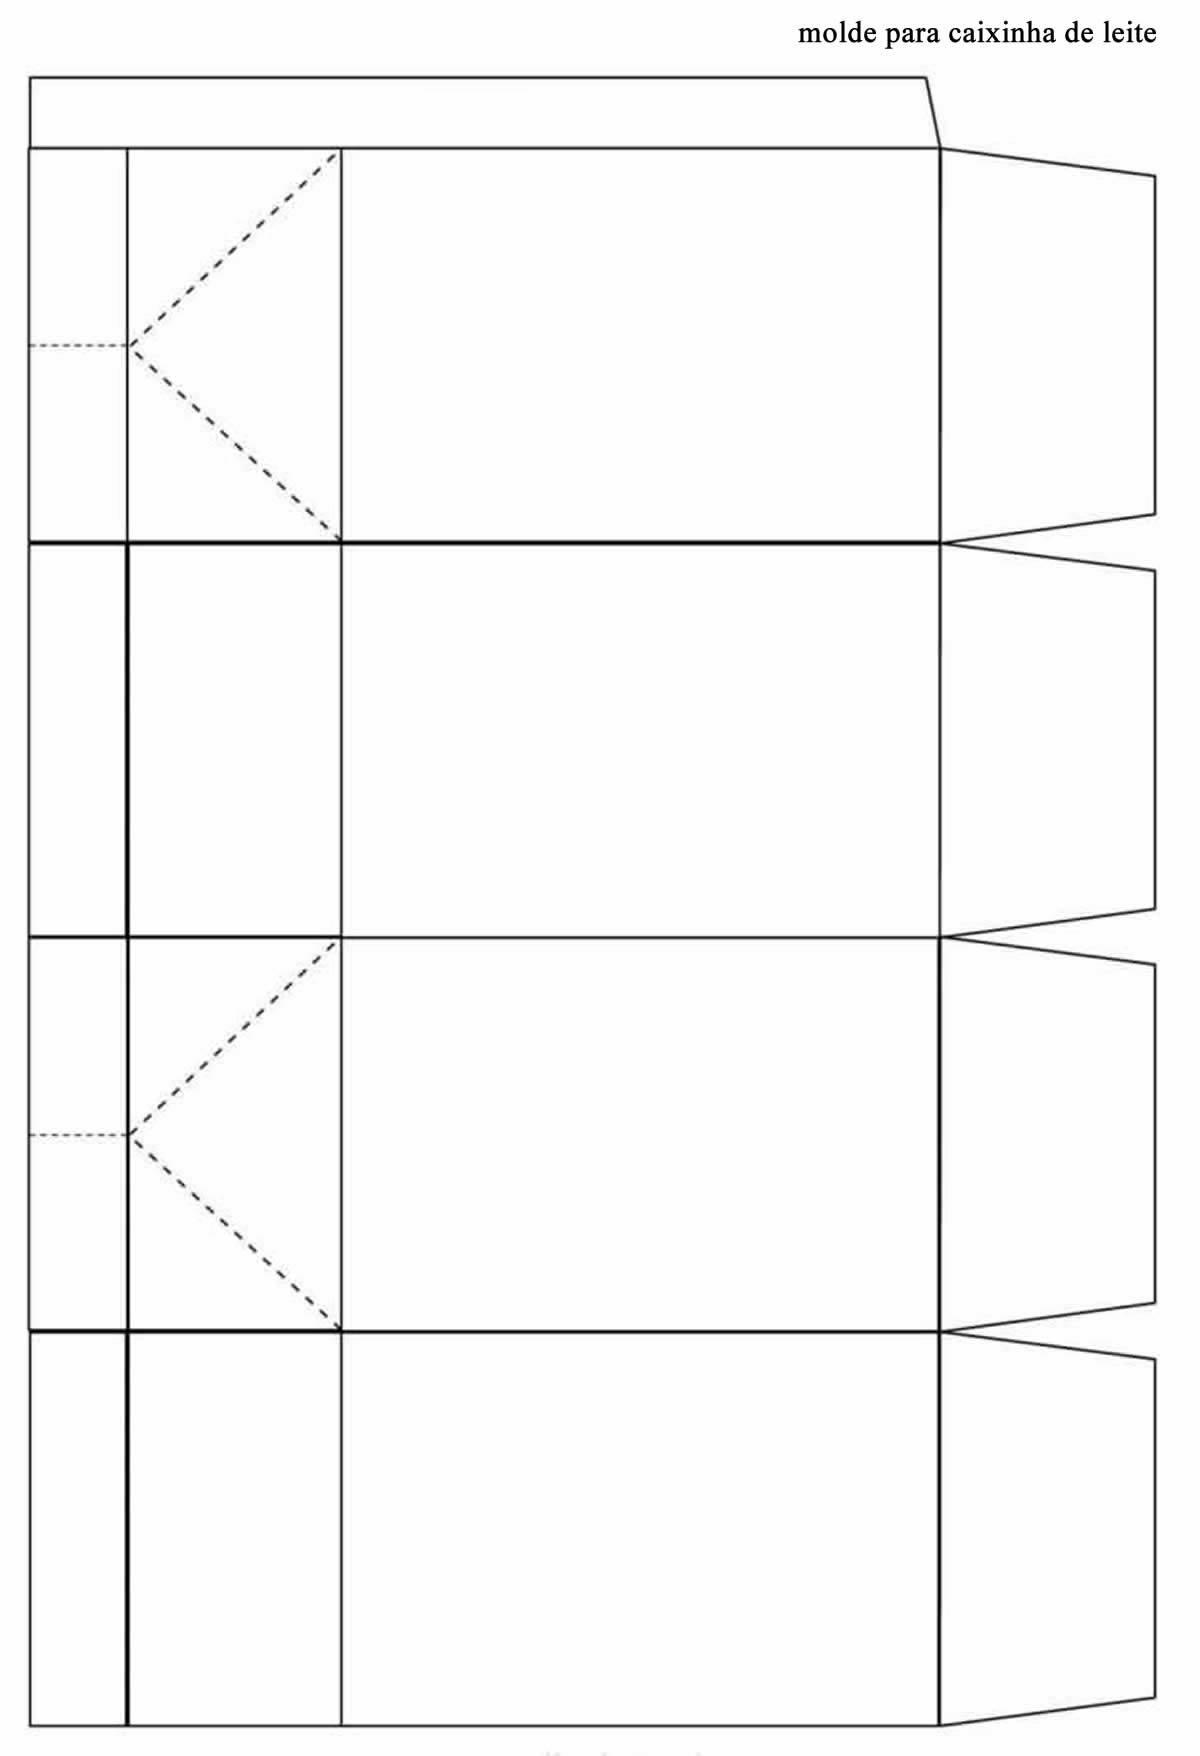 Molde para caixinha de leite de papel